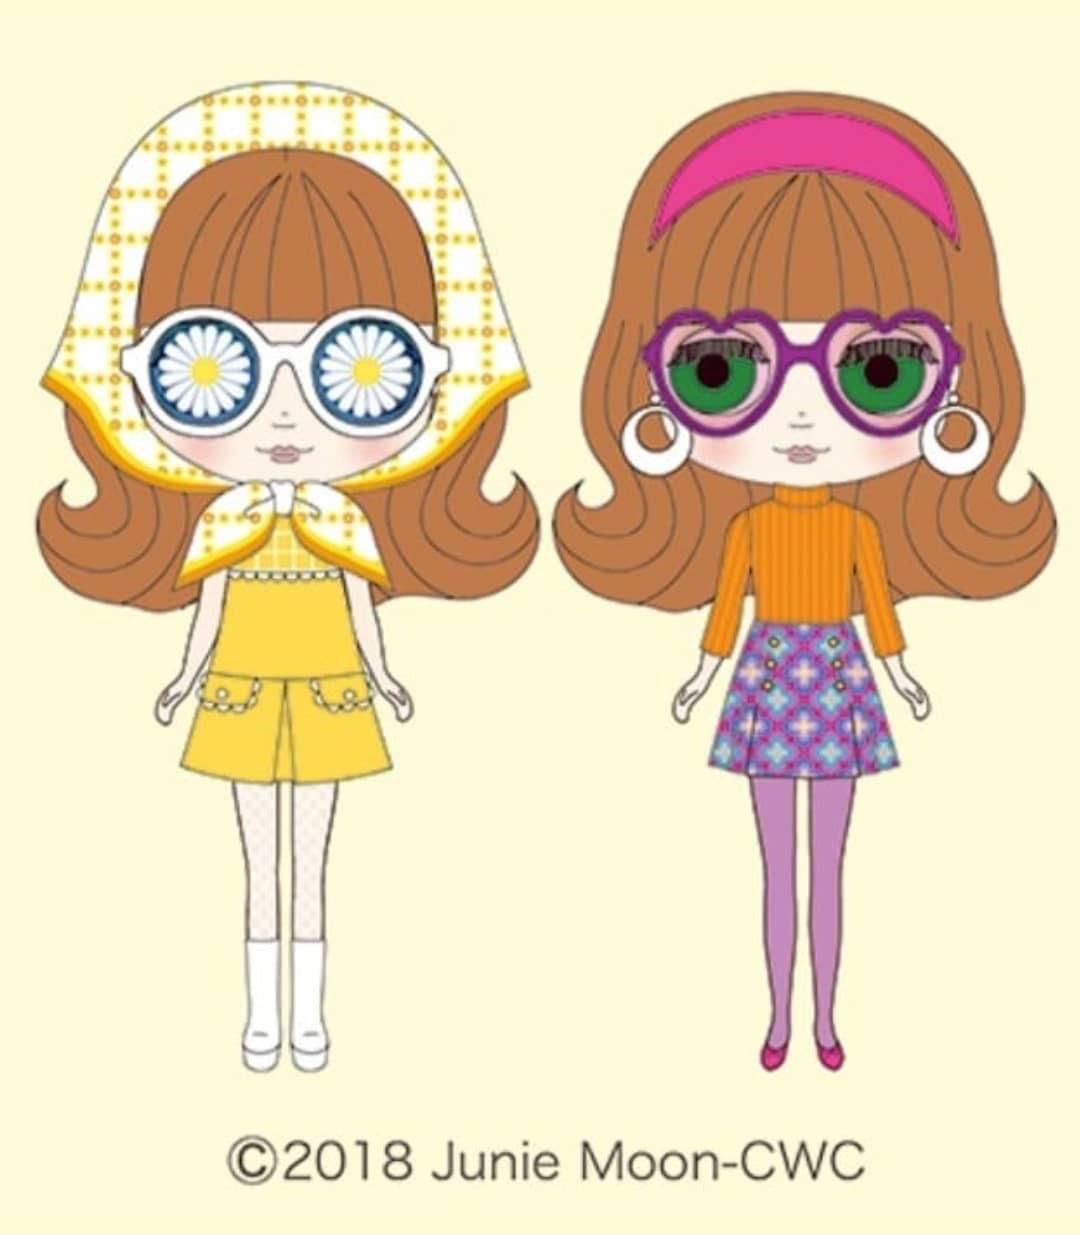 http://www.magmaheritage.com/Blythe/SarahShade/sarahshade.jpg